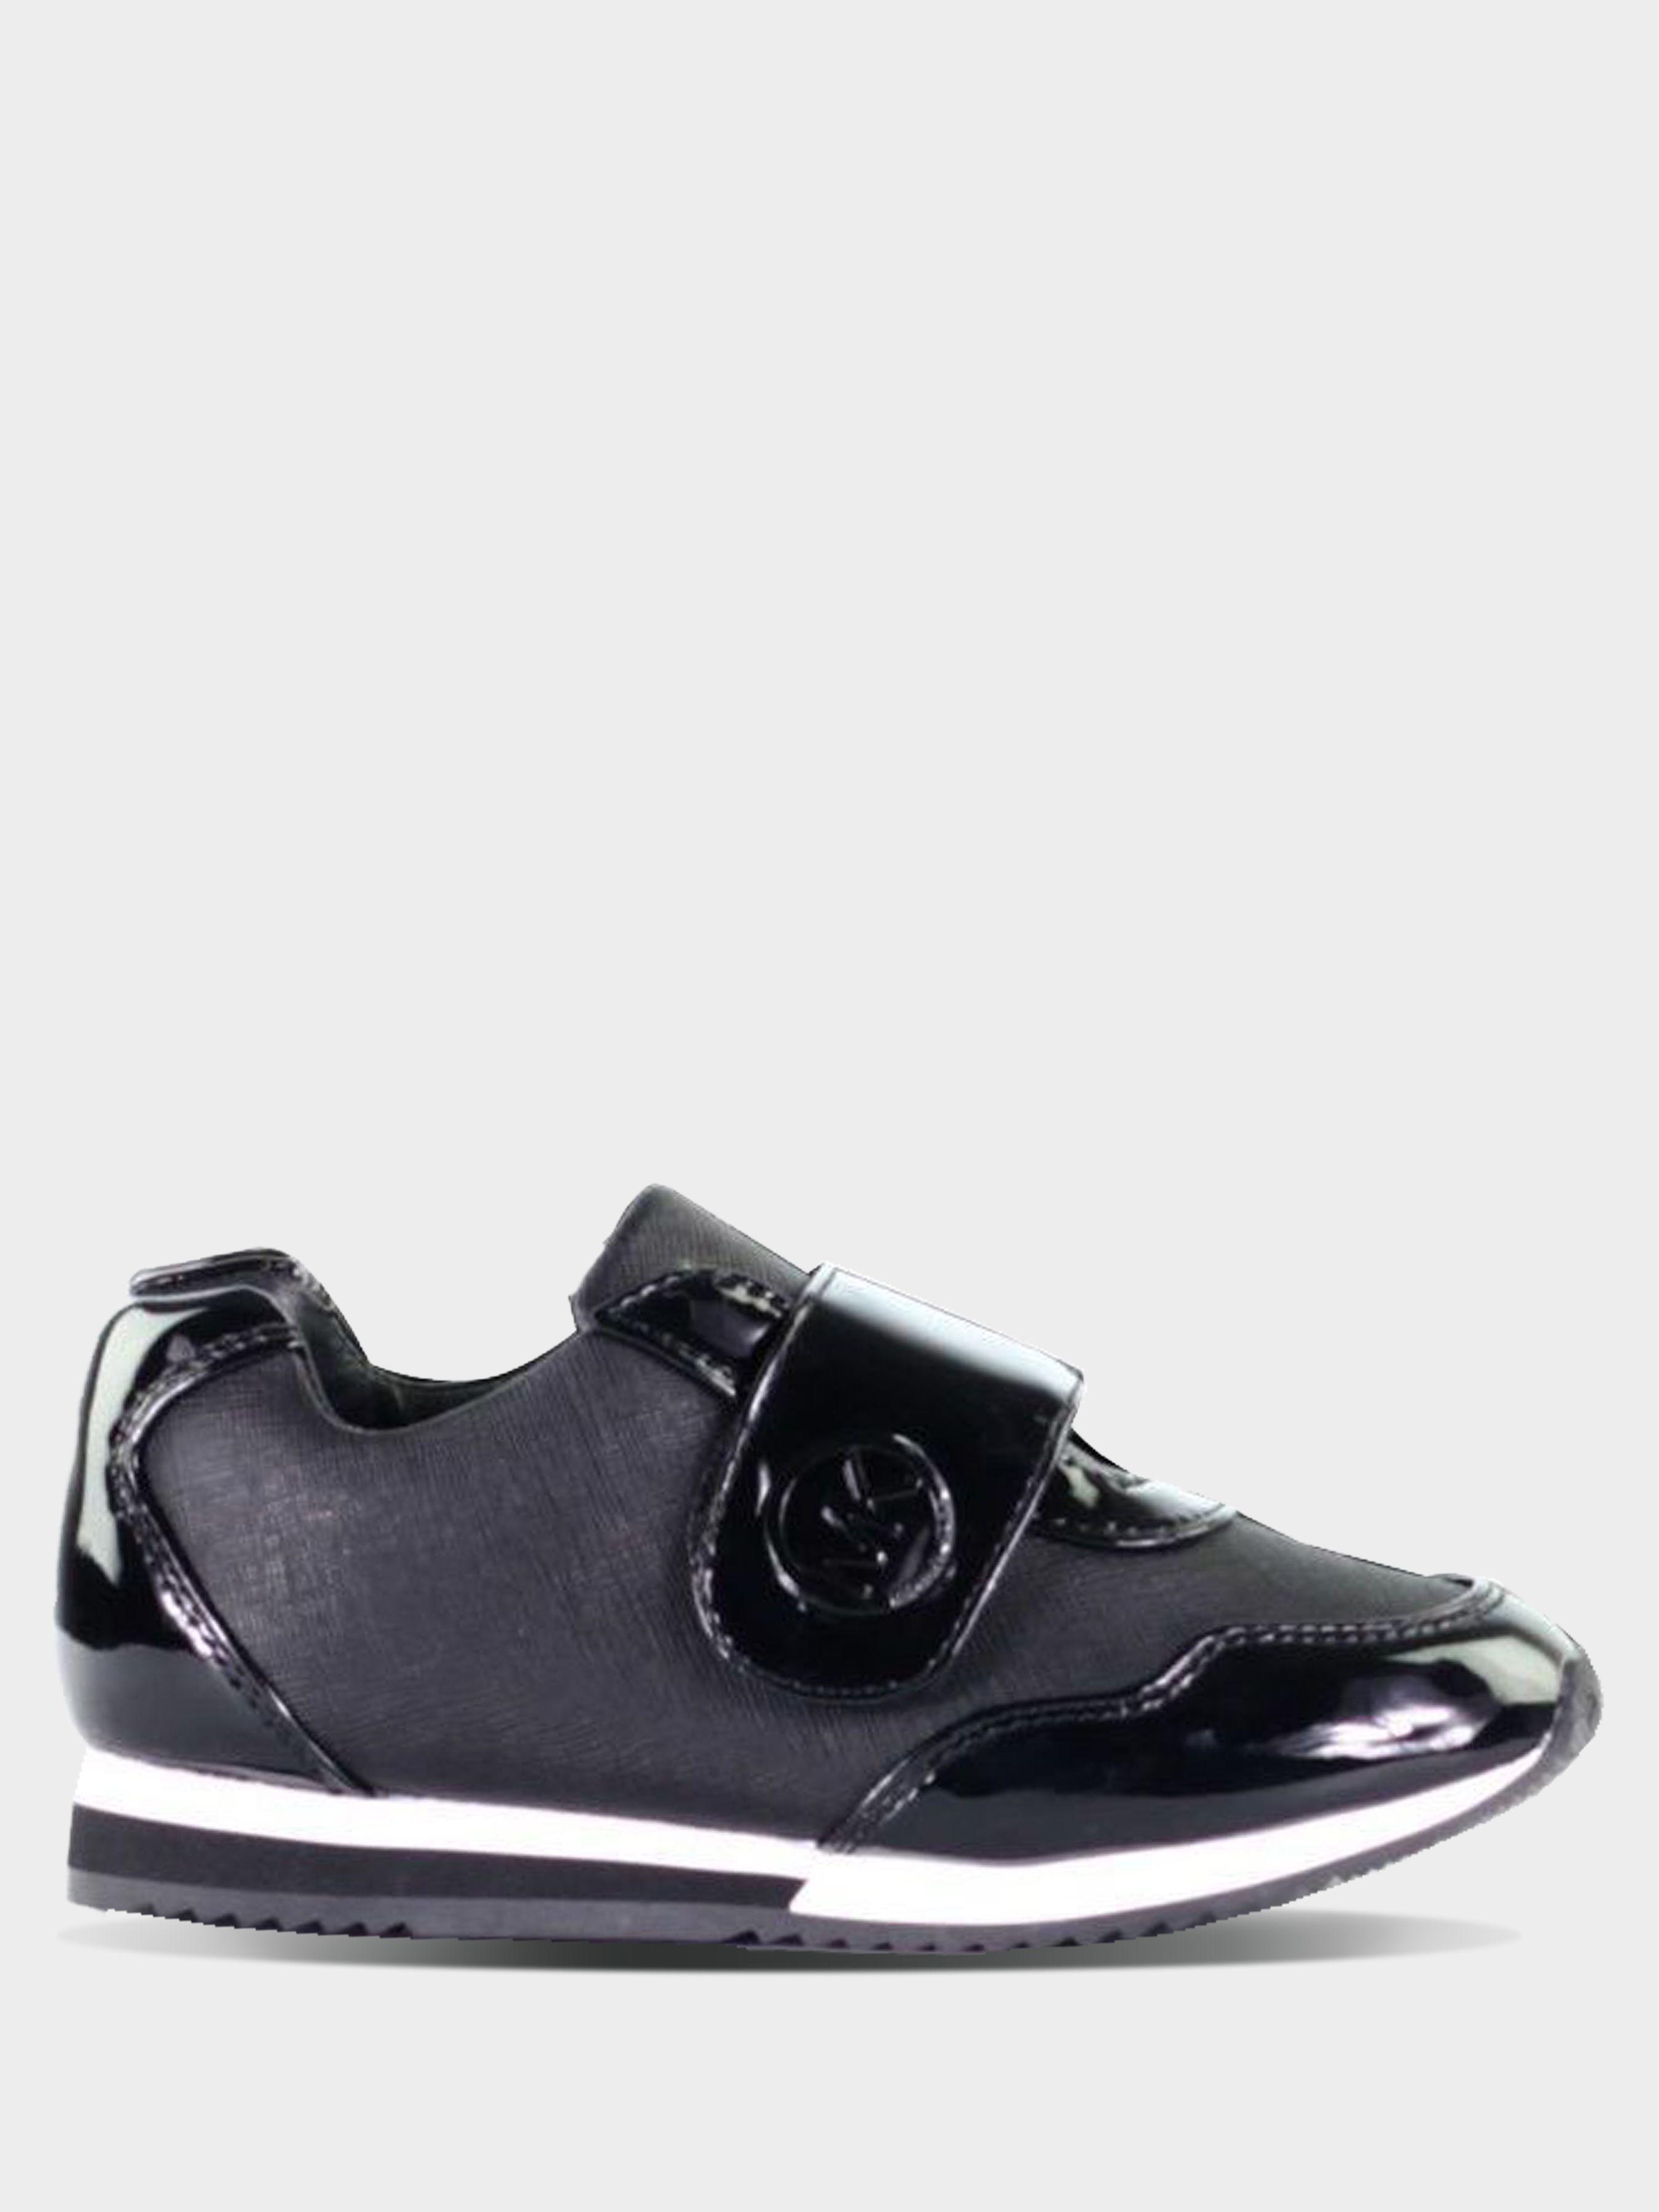 Полуботинки для детей Michael Kors 1C5 модная обувь, 2017